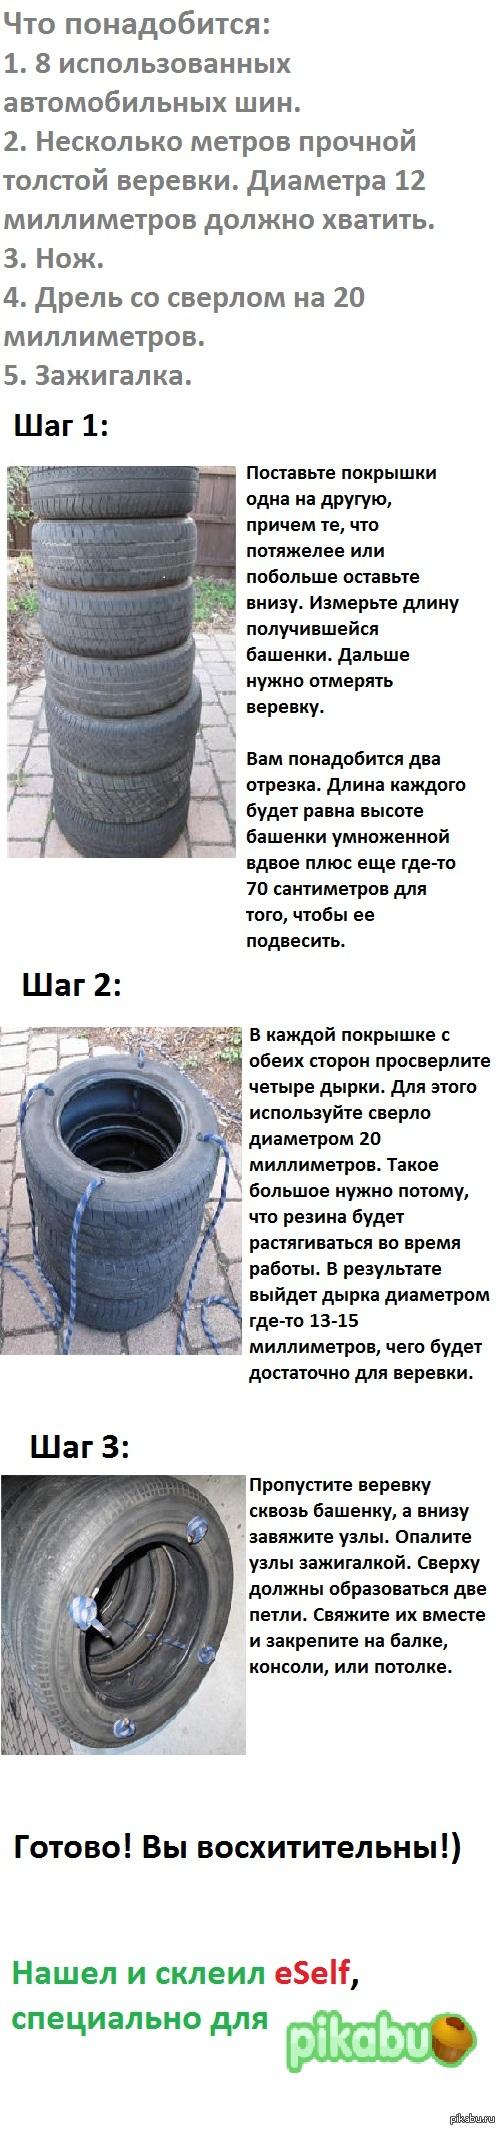 Как сделать грушу своими руками из шин